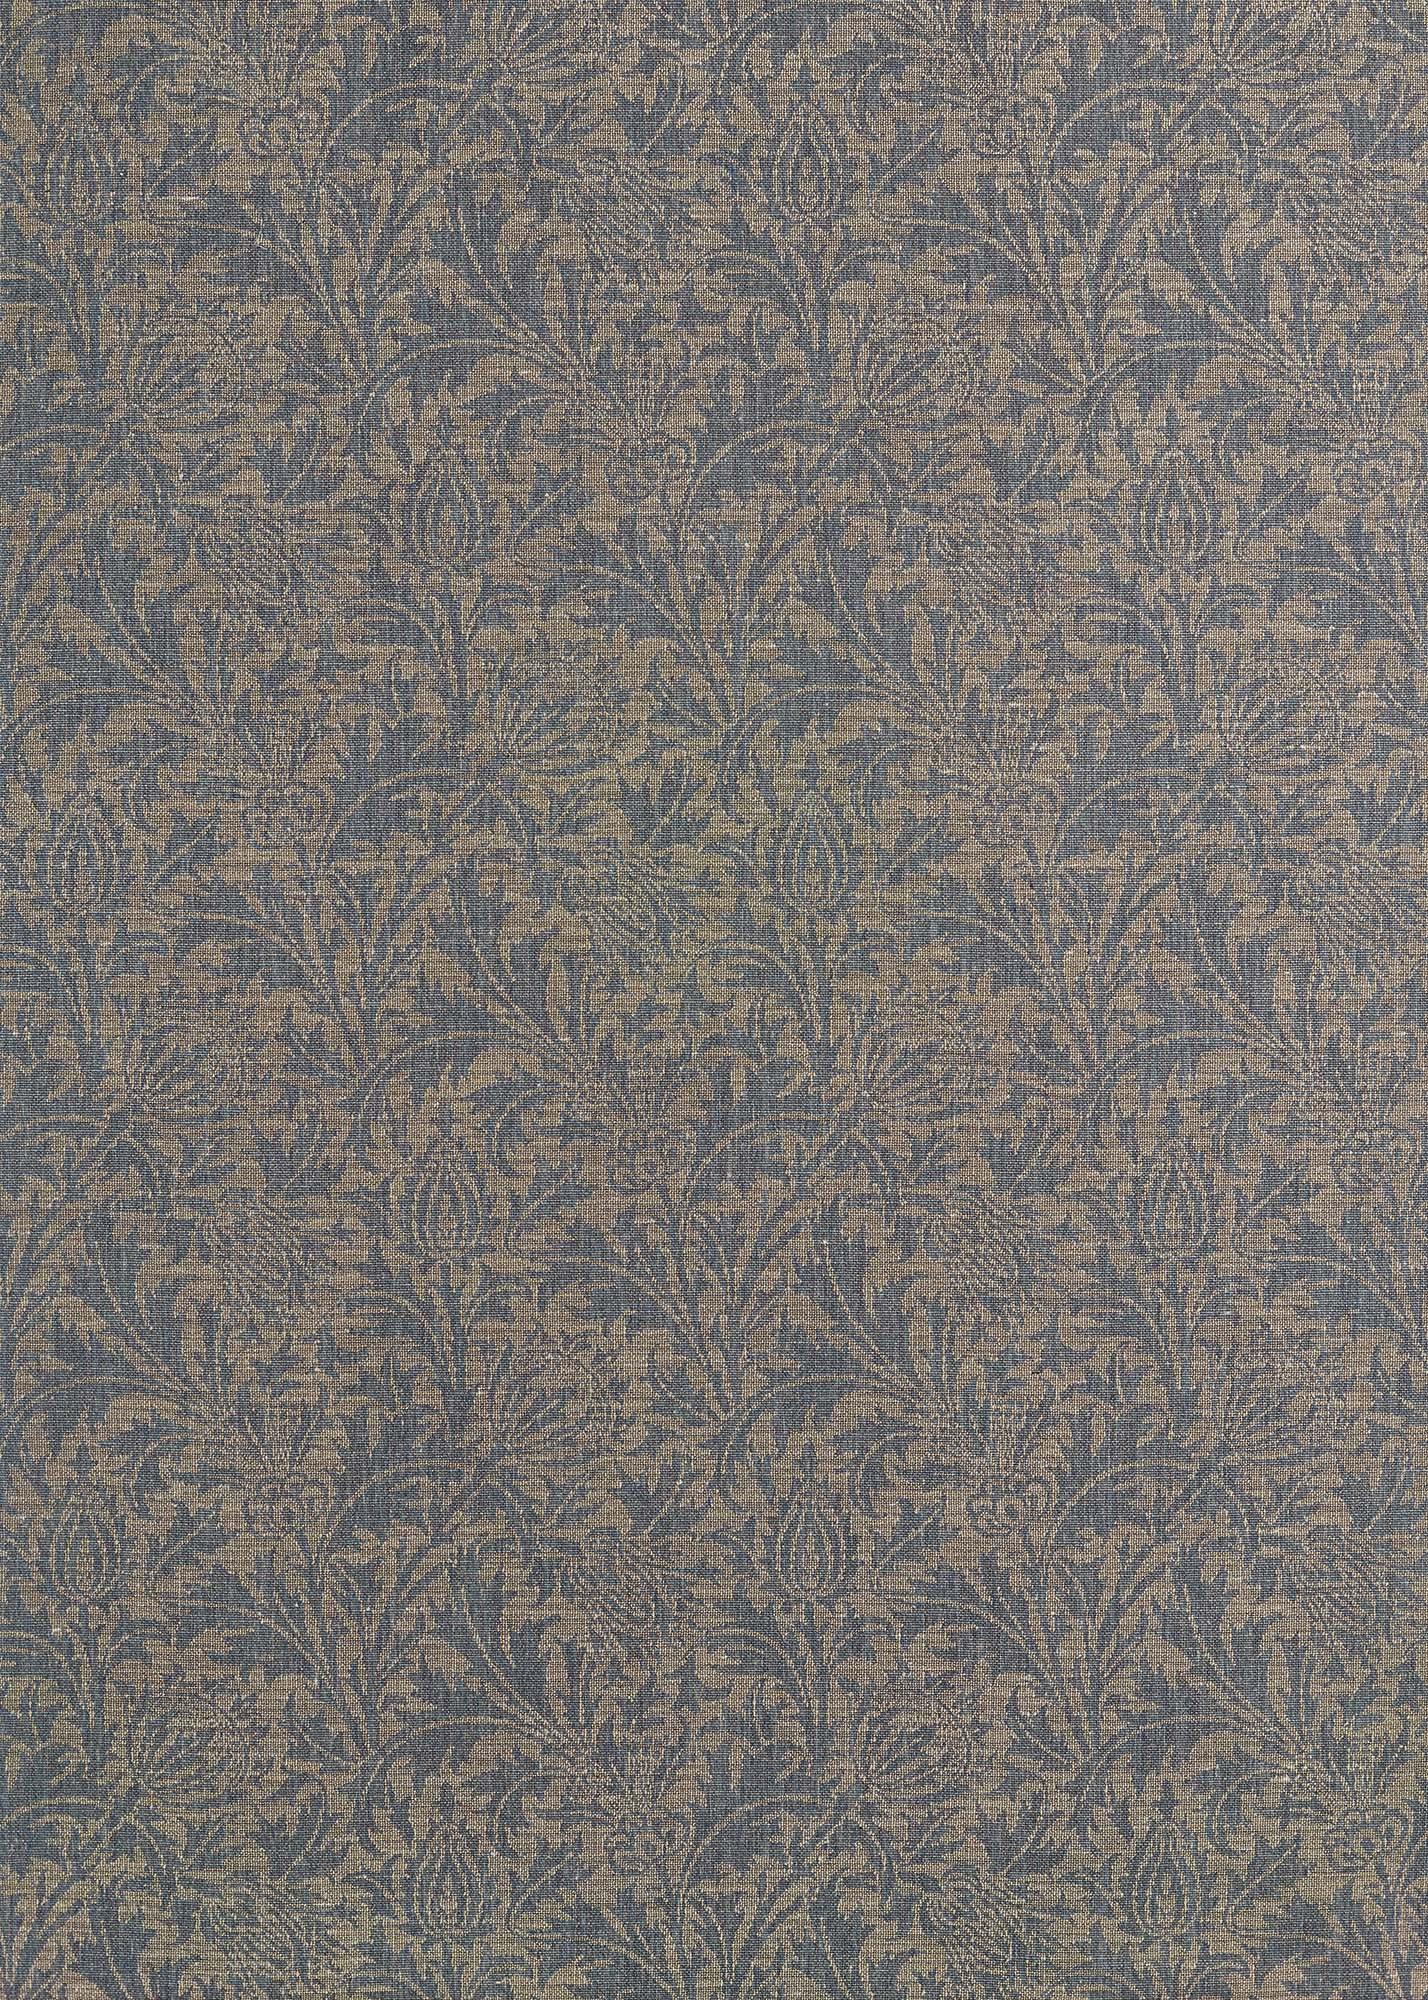 ウィリアムモリス生地 Thistle Weave 236845